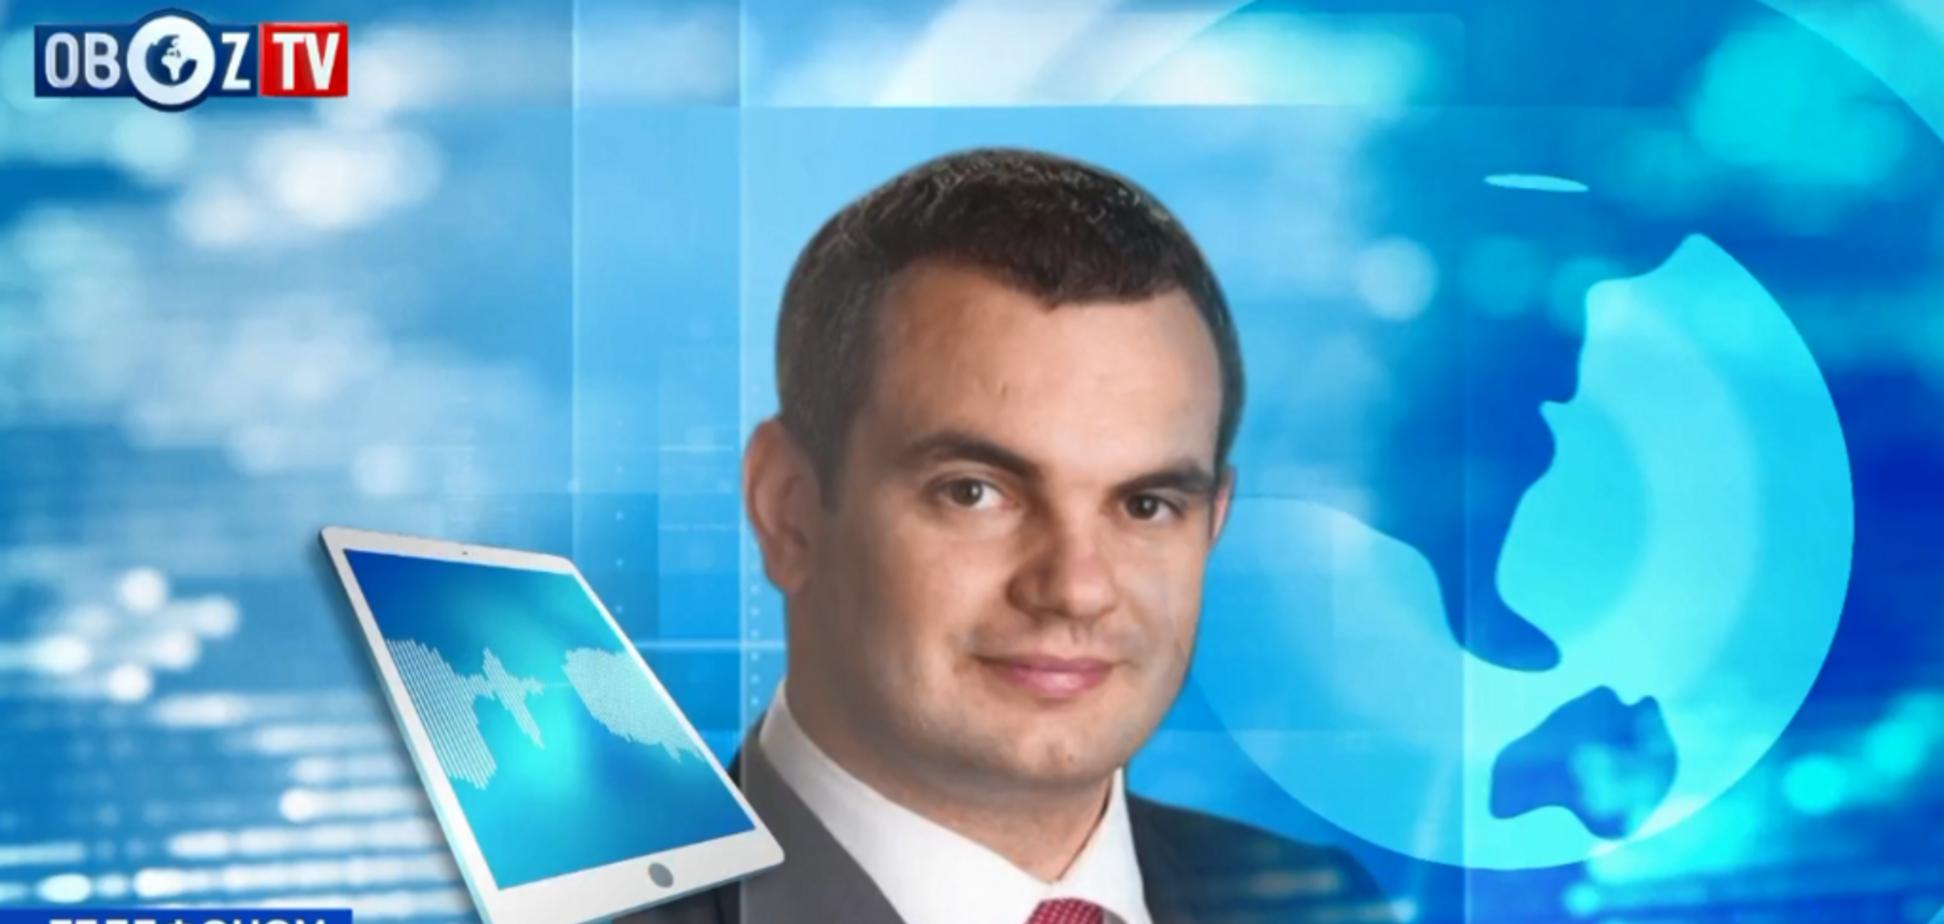 Скандал со SkyUp: суд уличили в многочисленных нарушениях